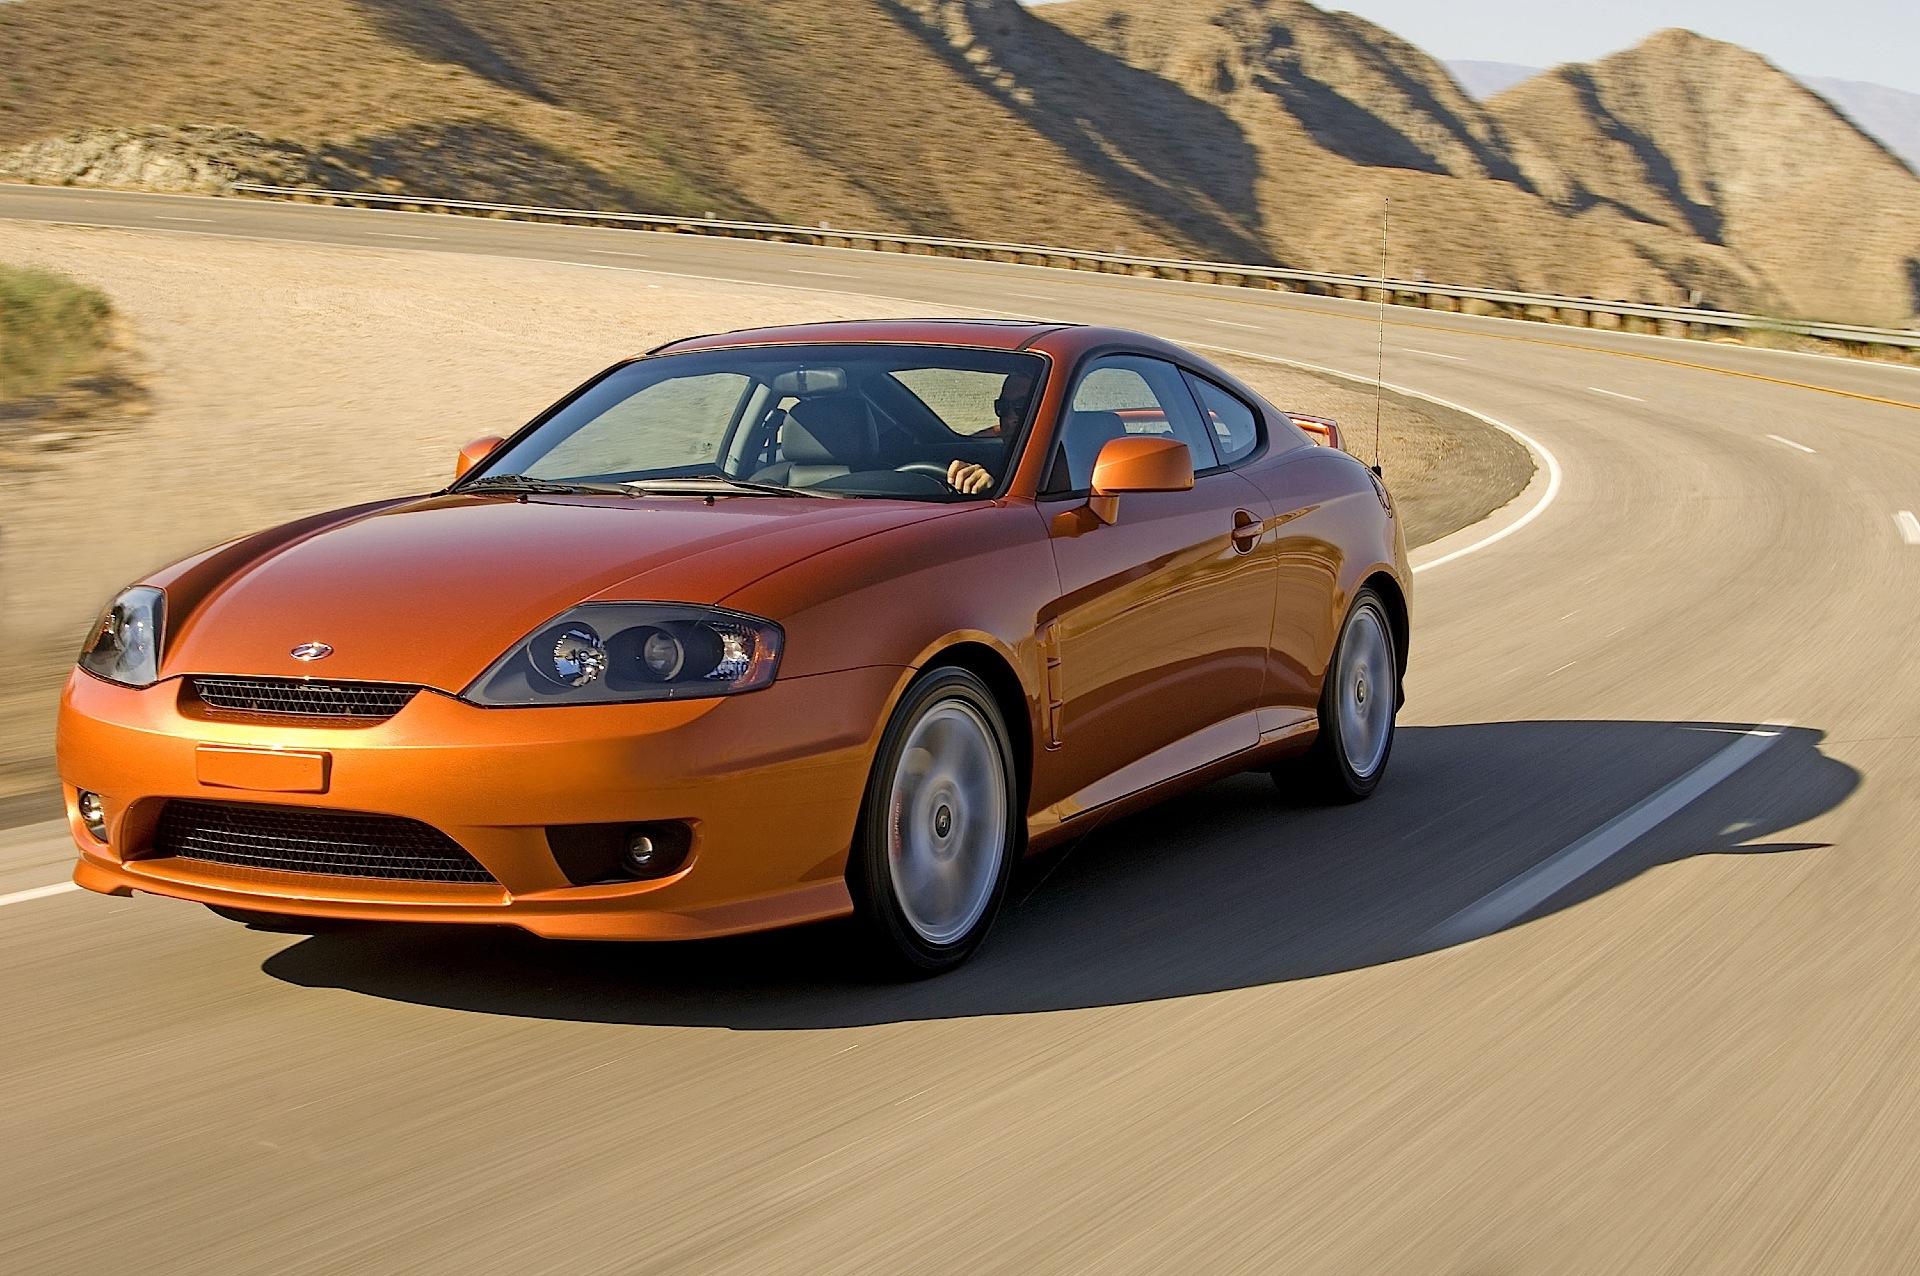 Green Car Modification Wallpaper Hyundai Coupe Tiburon 2004 2005 2006 2007